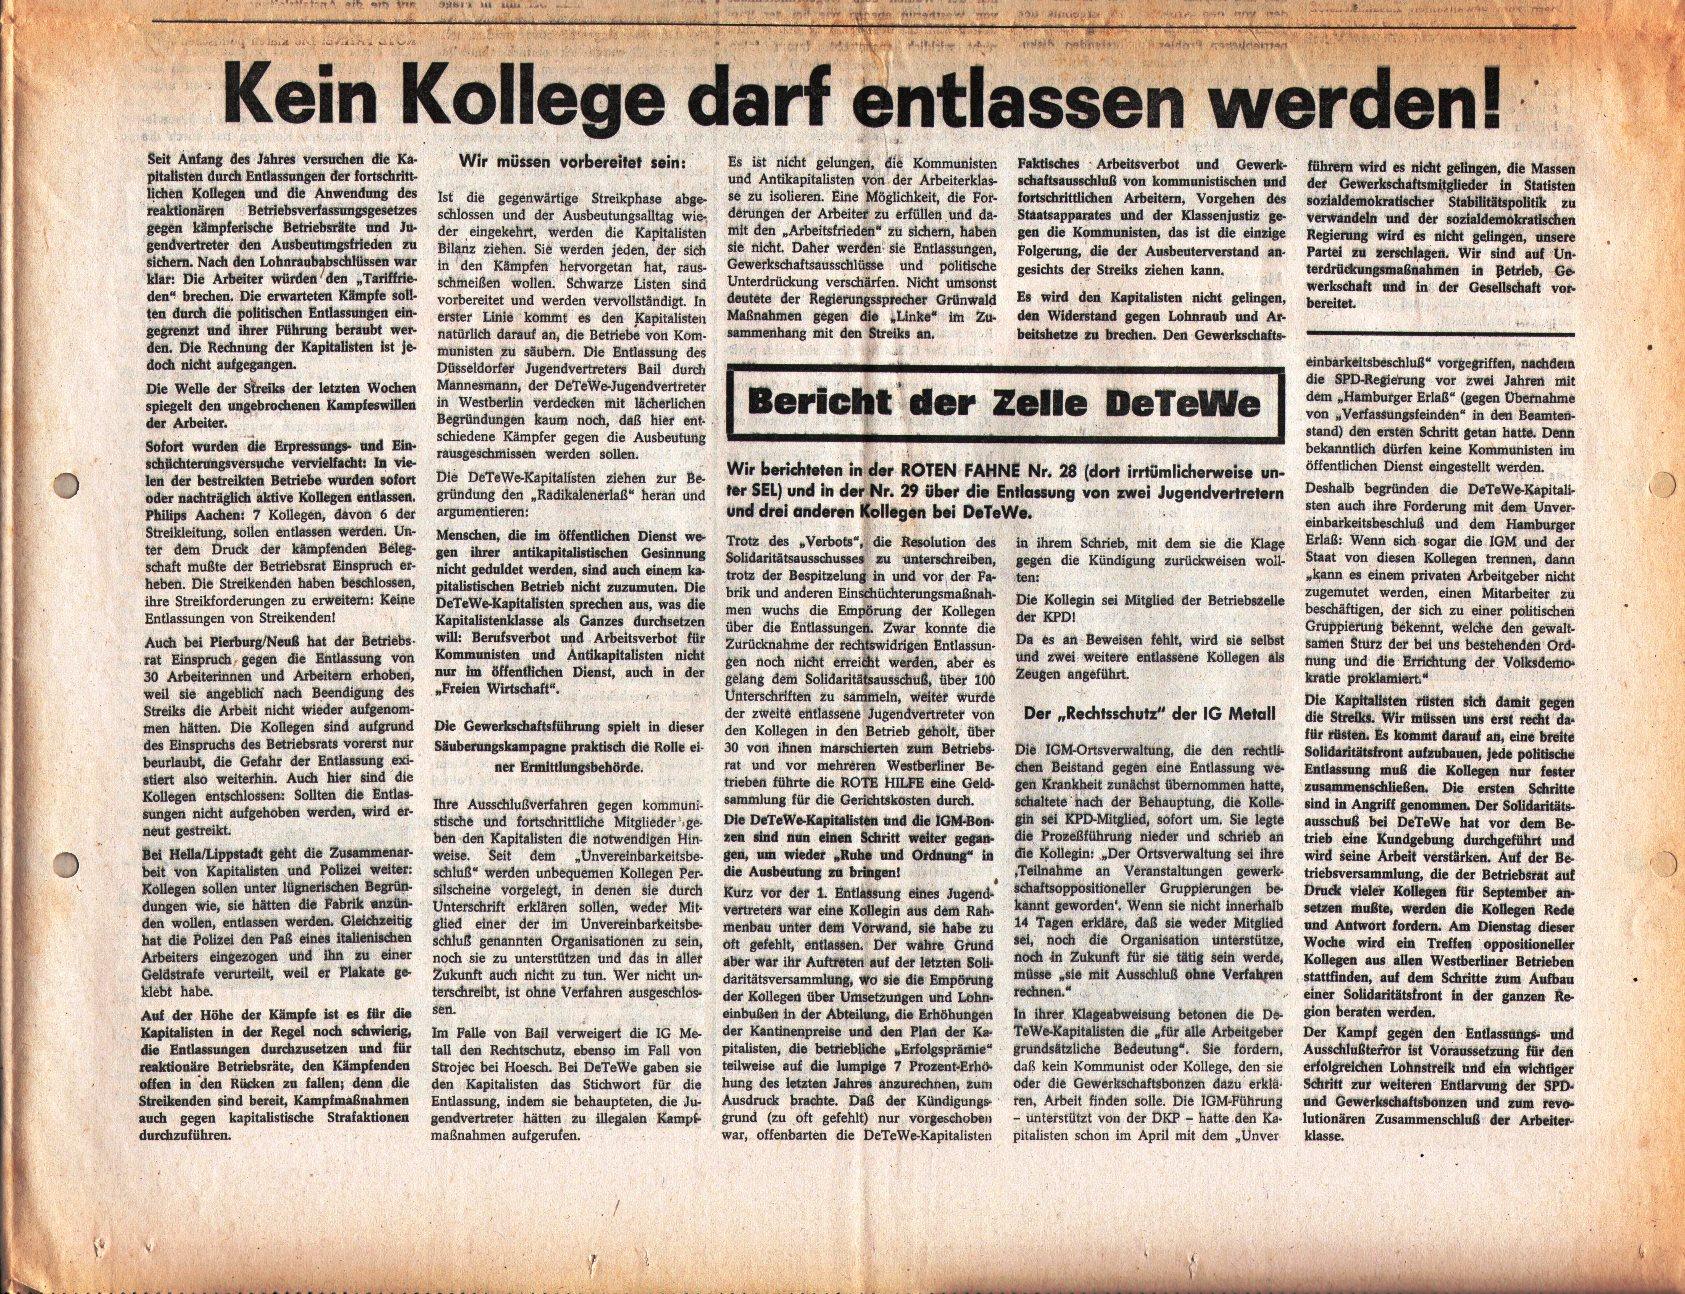 KPD_Rote_Fahne_1973_35_06